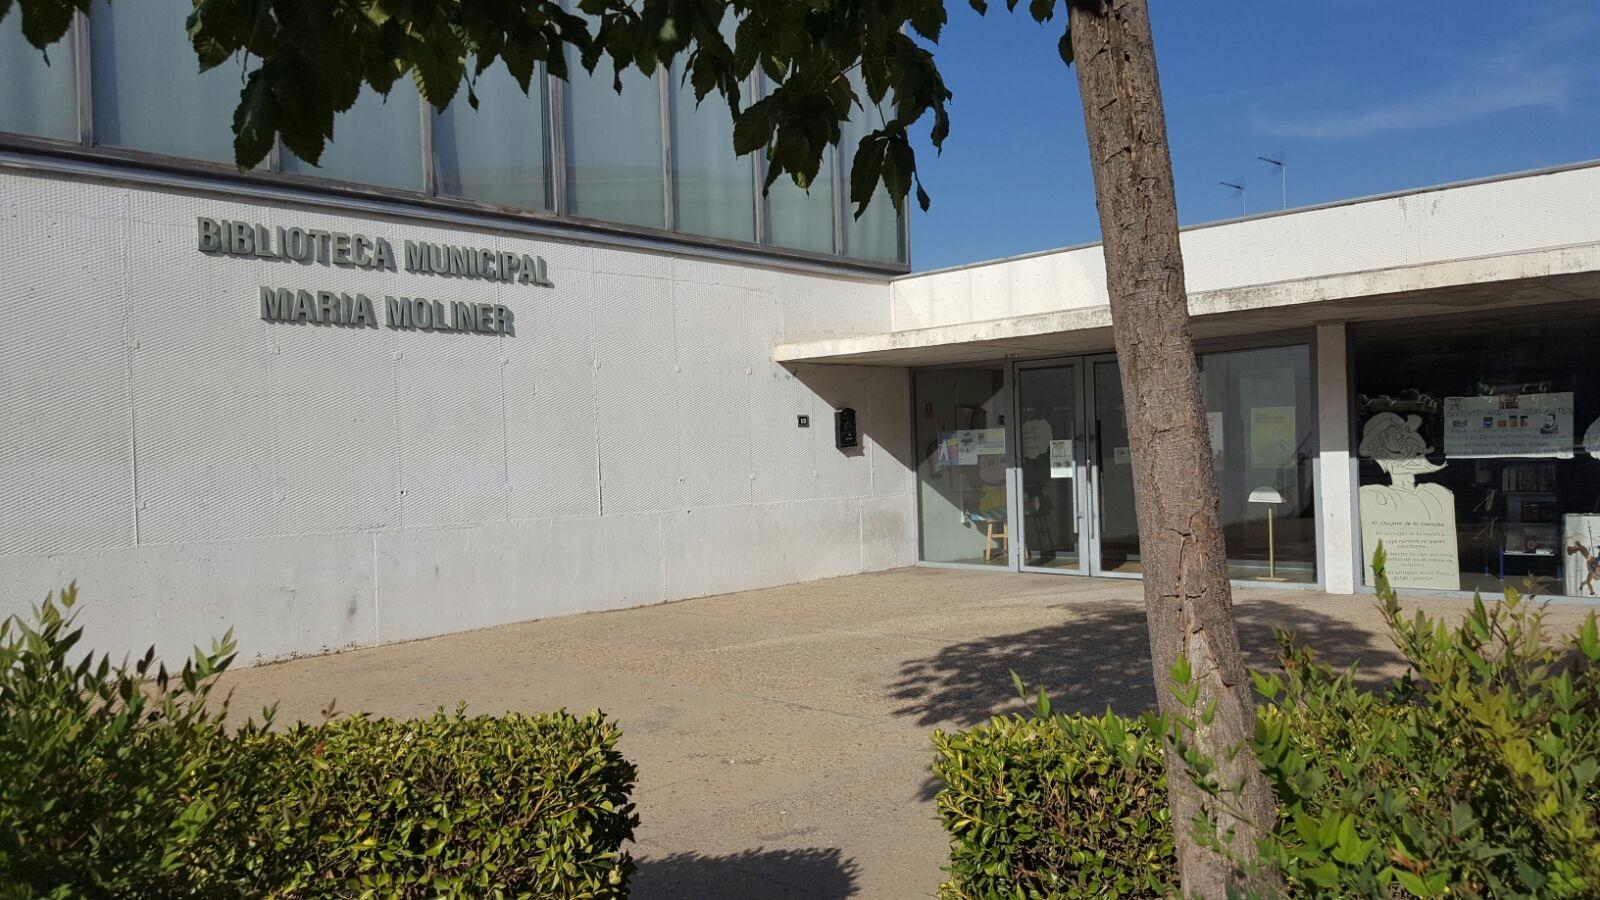 Horario de verano de la Biblioteca Municipal María Moliner